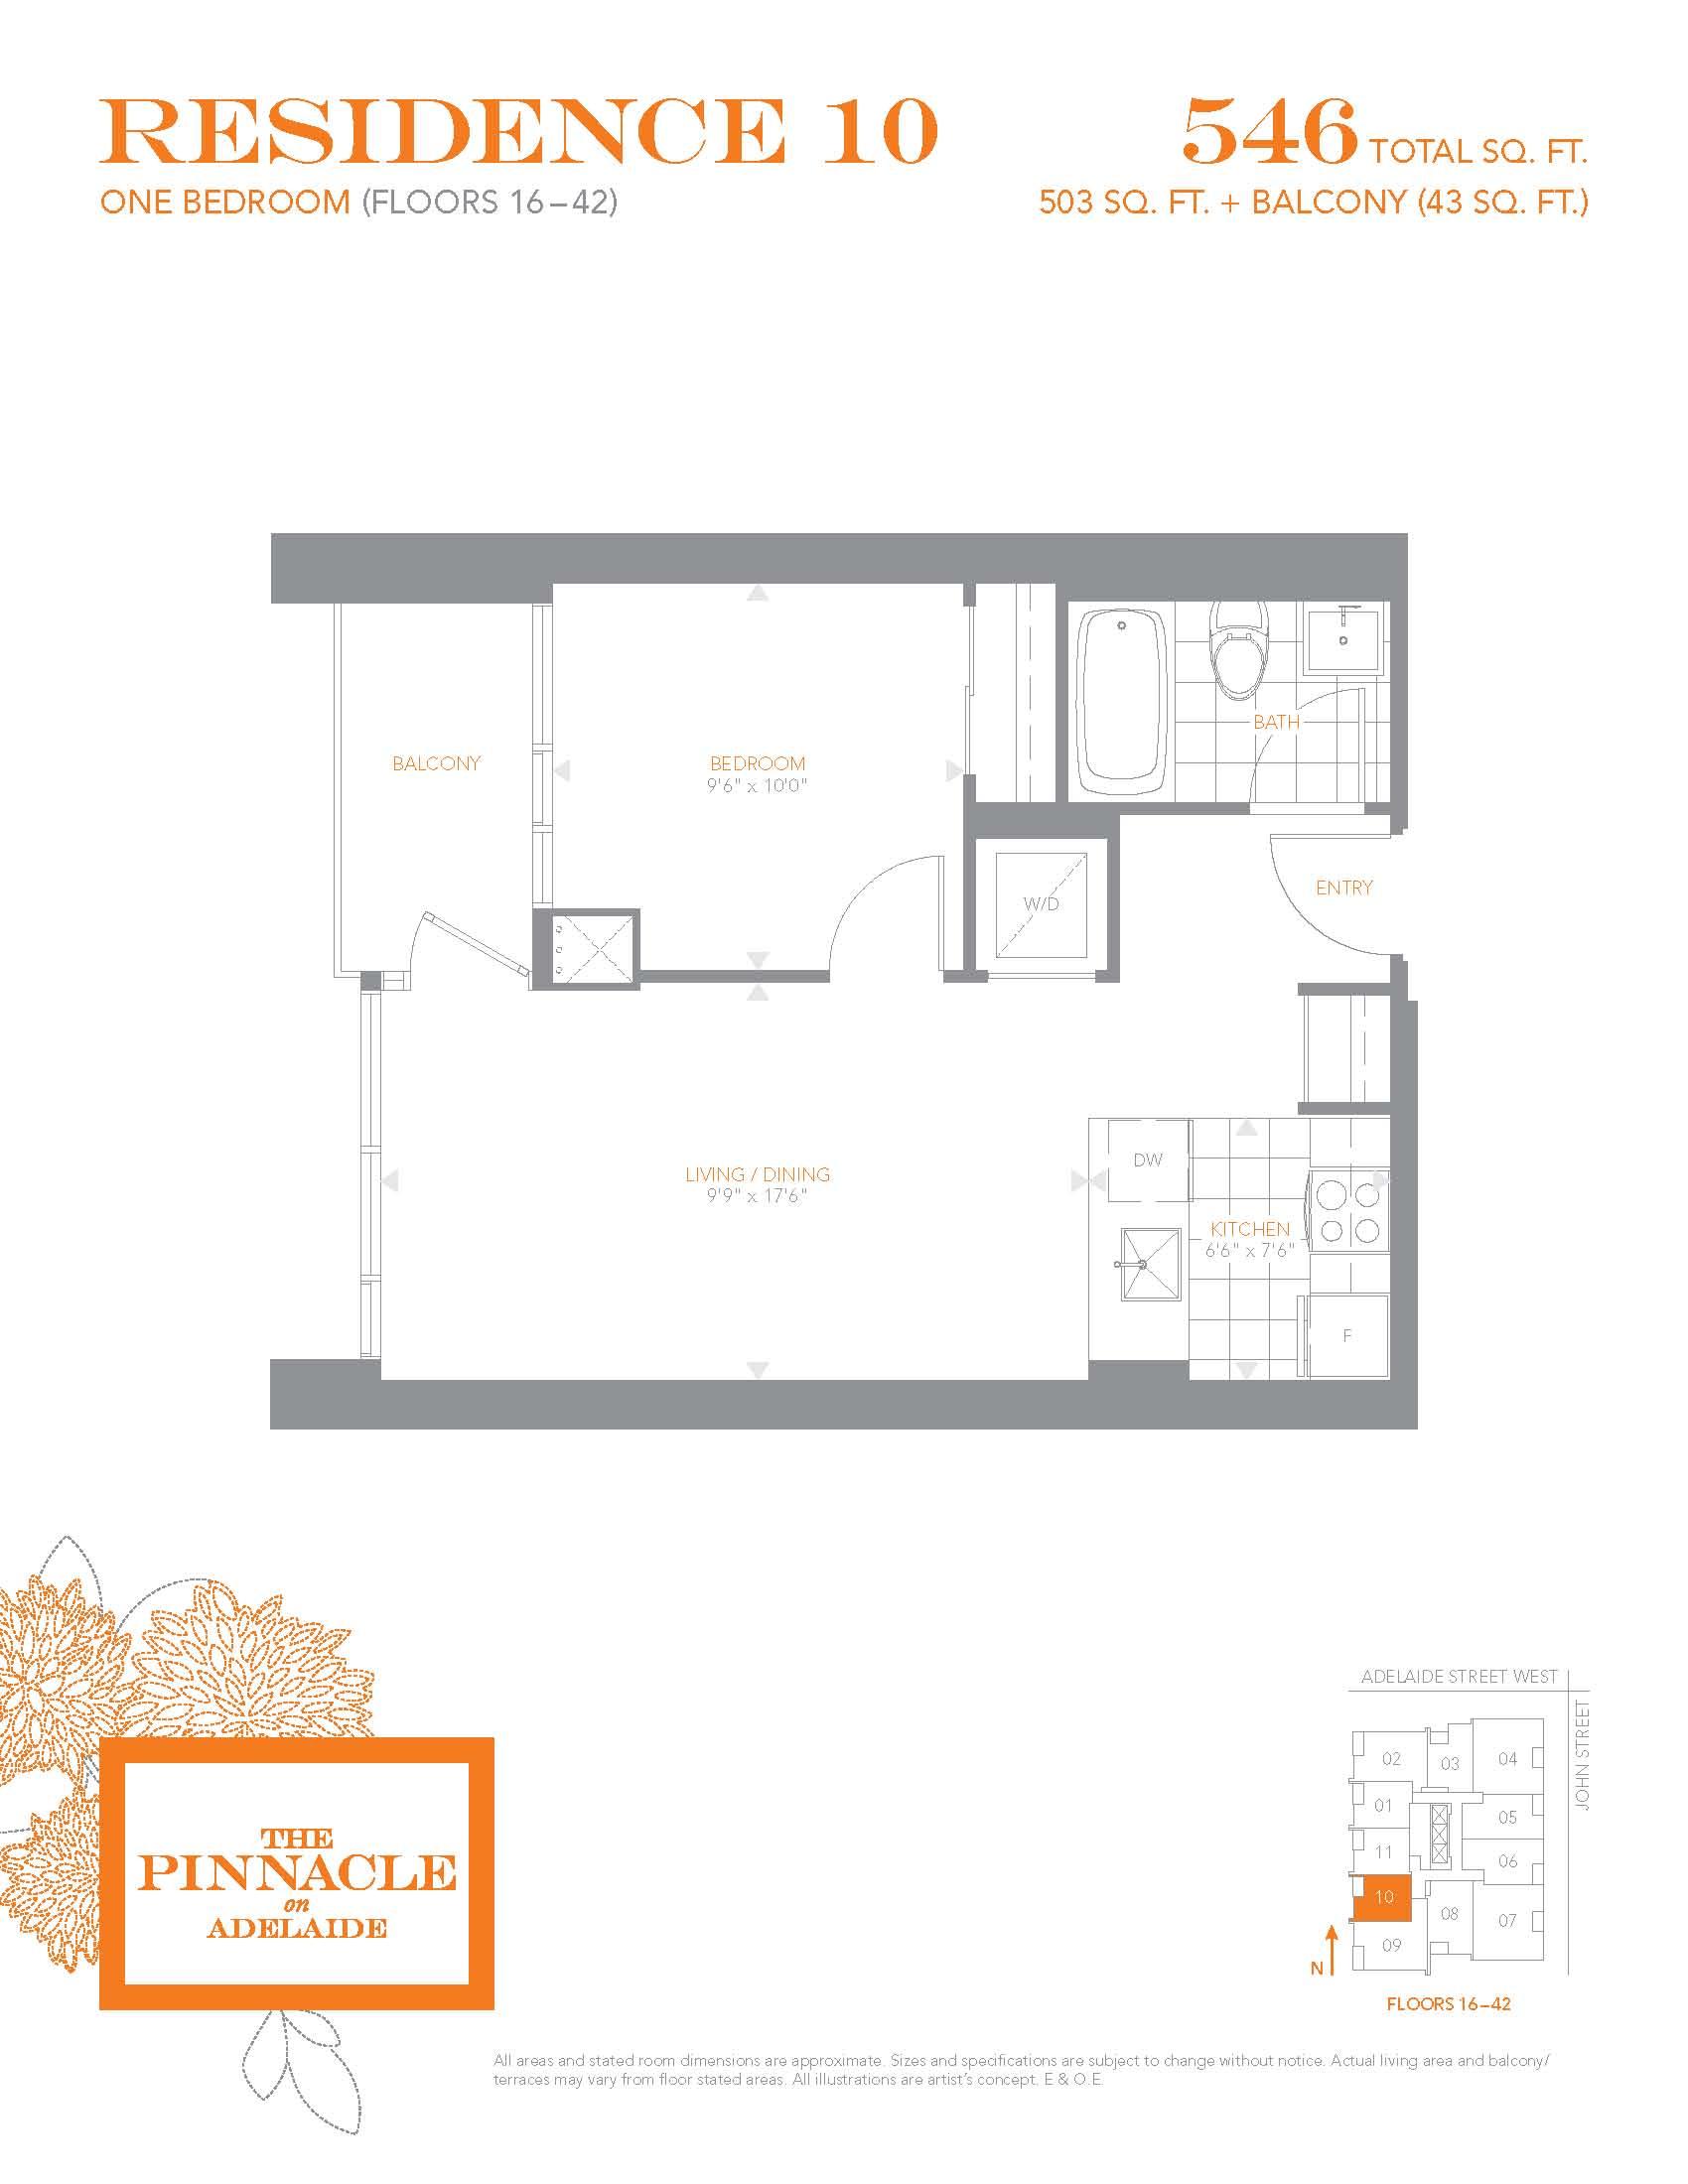 Pinnacle residence 10 floors 16 42 pinnacleadelaide for 10 yonge street floor plan